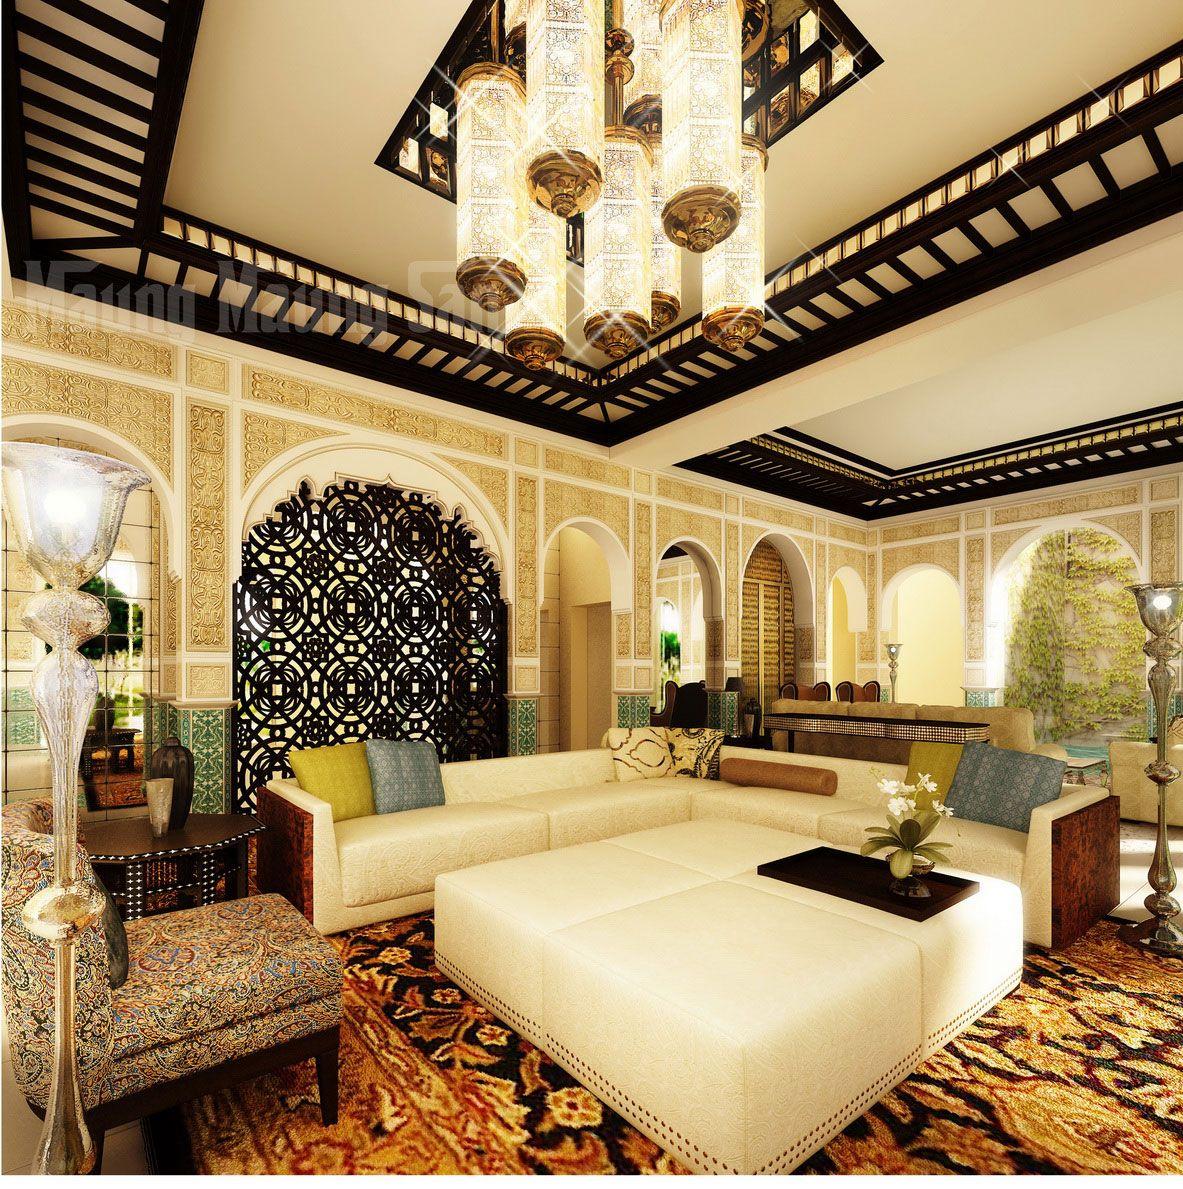 latest false ceiling designs mumbai,false ceiling designs, false ...